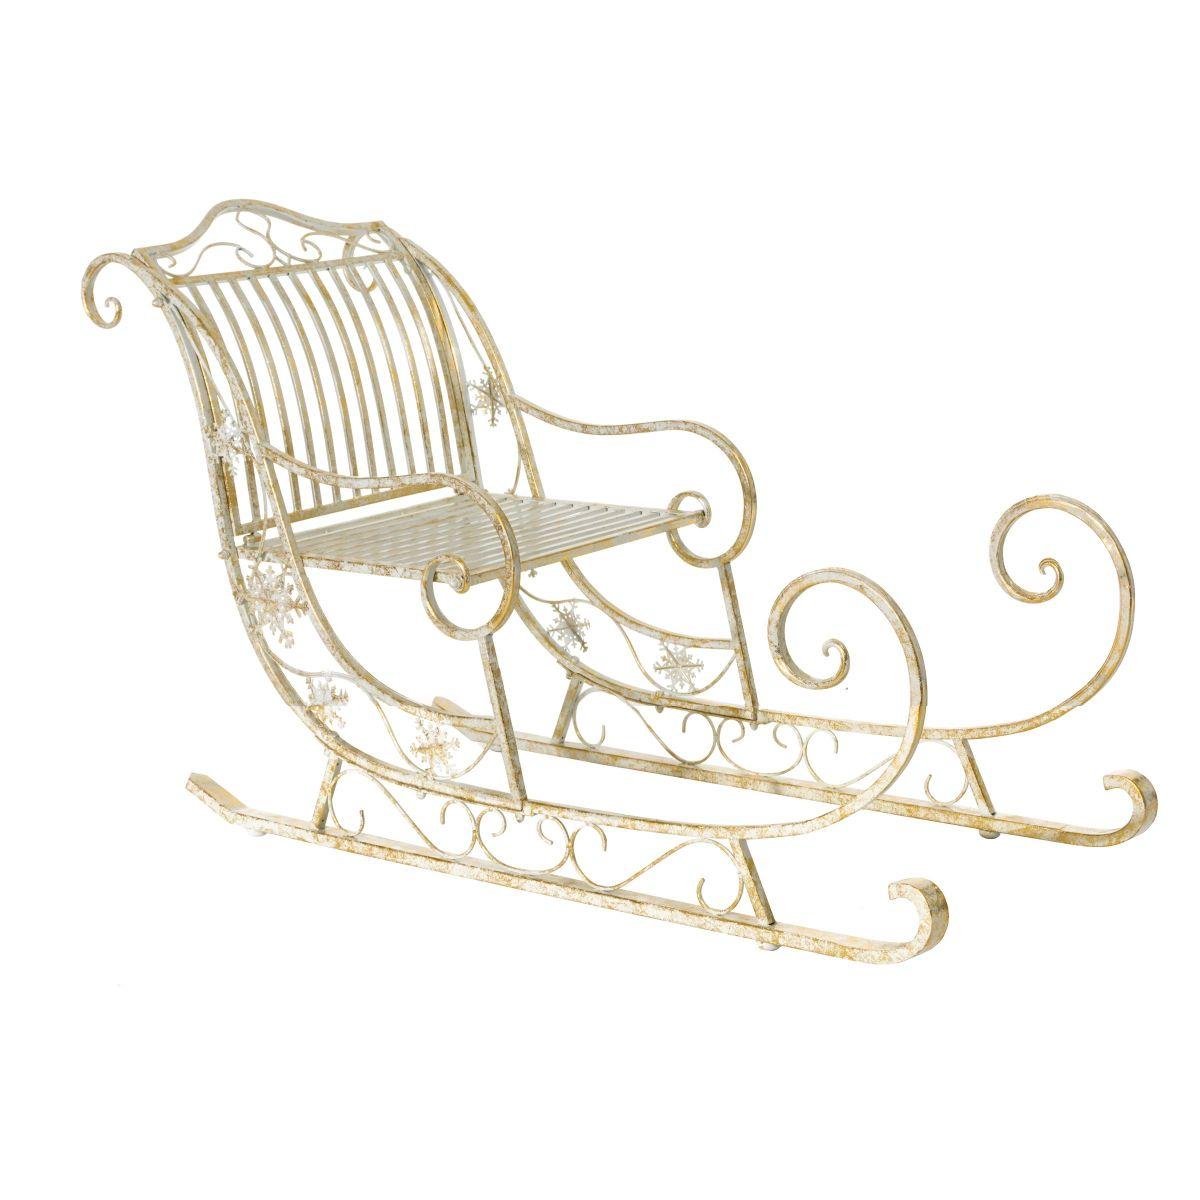 deko schlitten skadi metall einfach geschenke. Black Bedroom Furniture Sets. Home Design Ideas